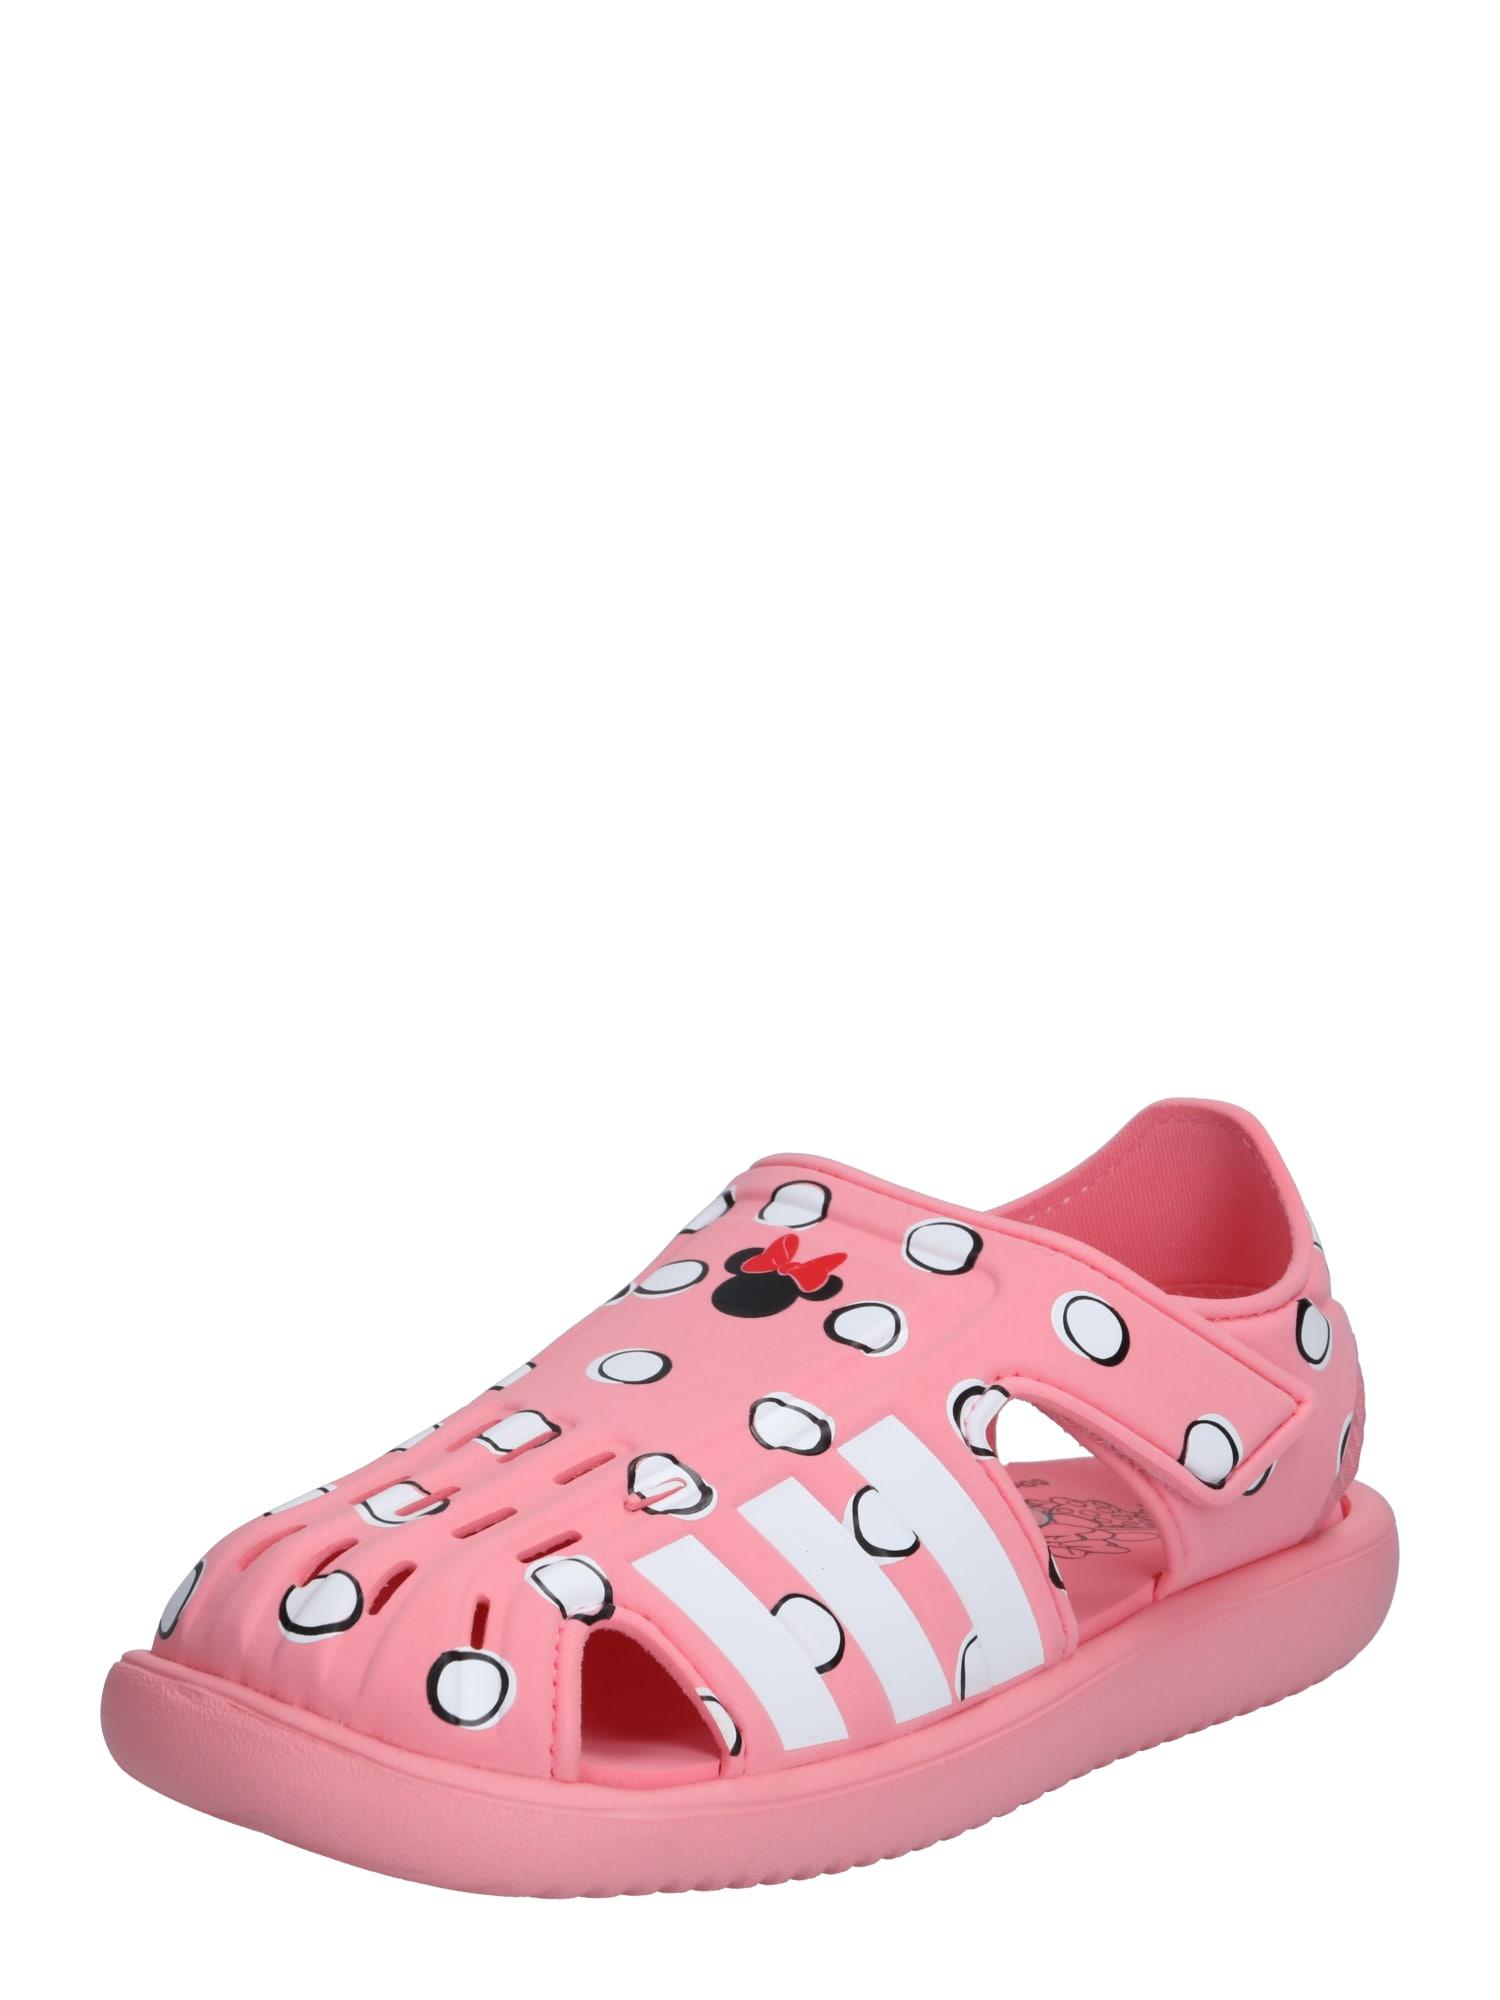 ADIDAS PERFORMANCE Sandalai / maudymosi batai rožinė / balta / juoda / rūdžių raudona